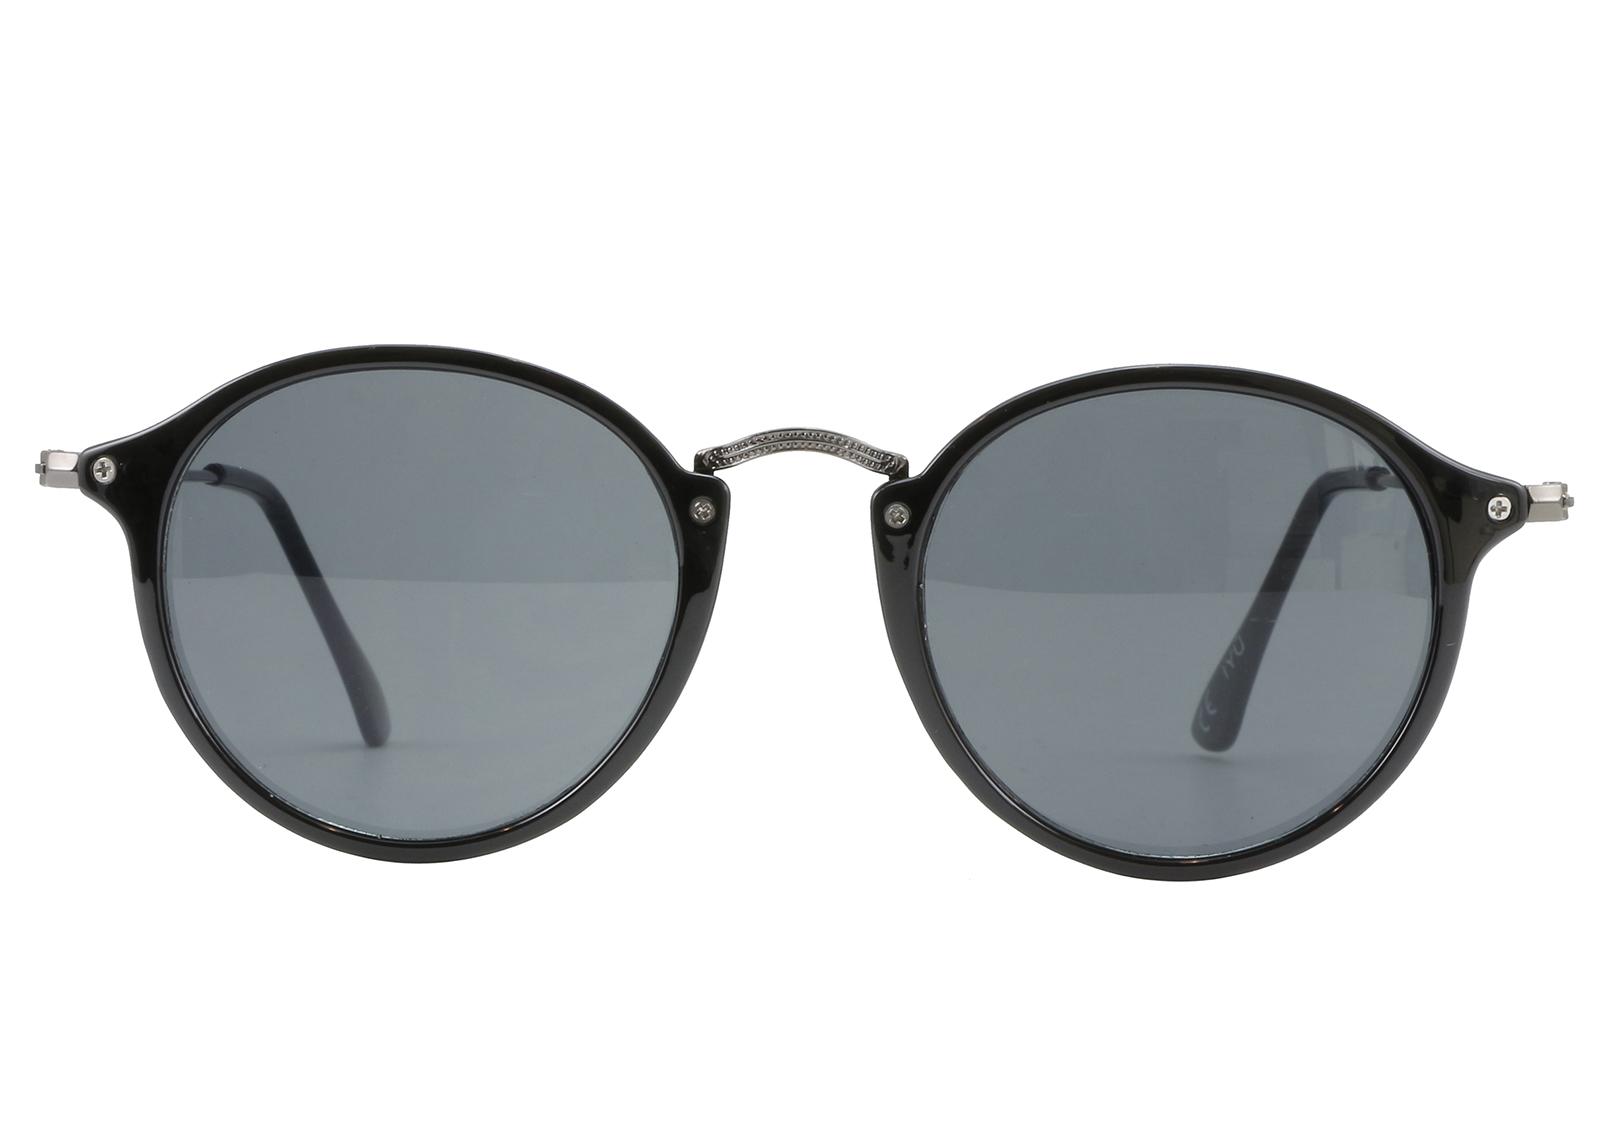 Oculos de sol Óculos De Sol Pretos P a Homem, Redondos - Yoni Noir f6065ef6c9